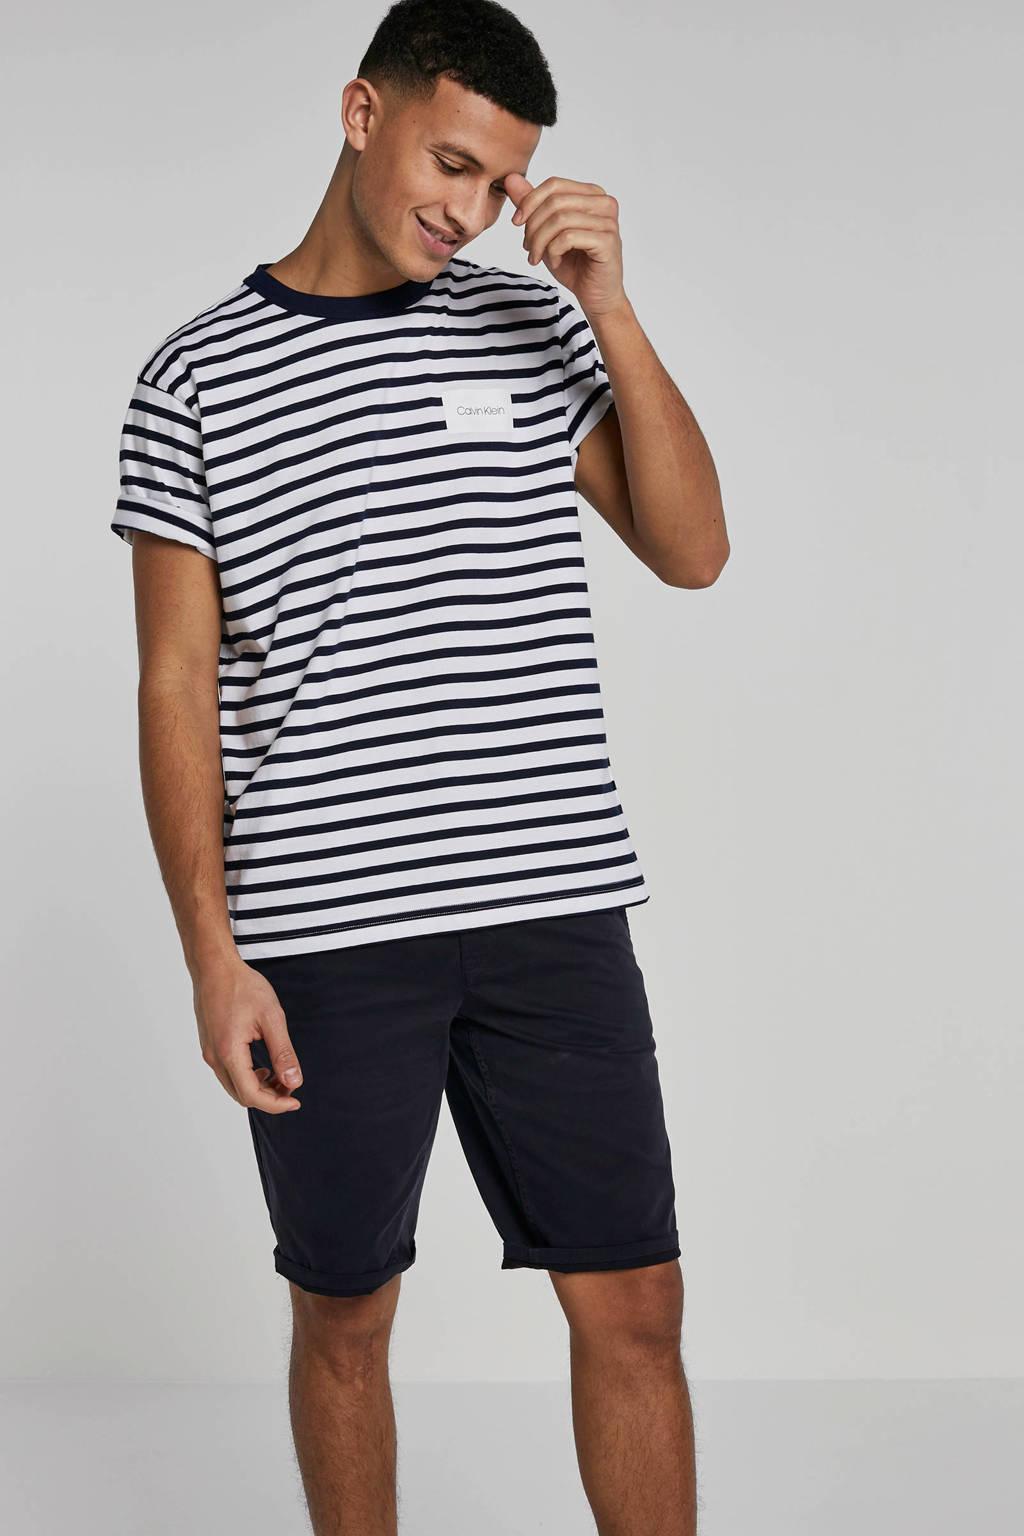 Calvin Klein gestreept T-shirt wit, Wit/zwart